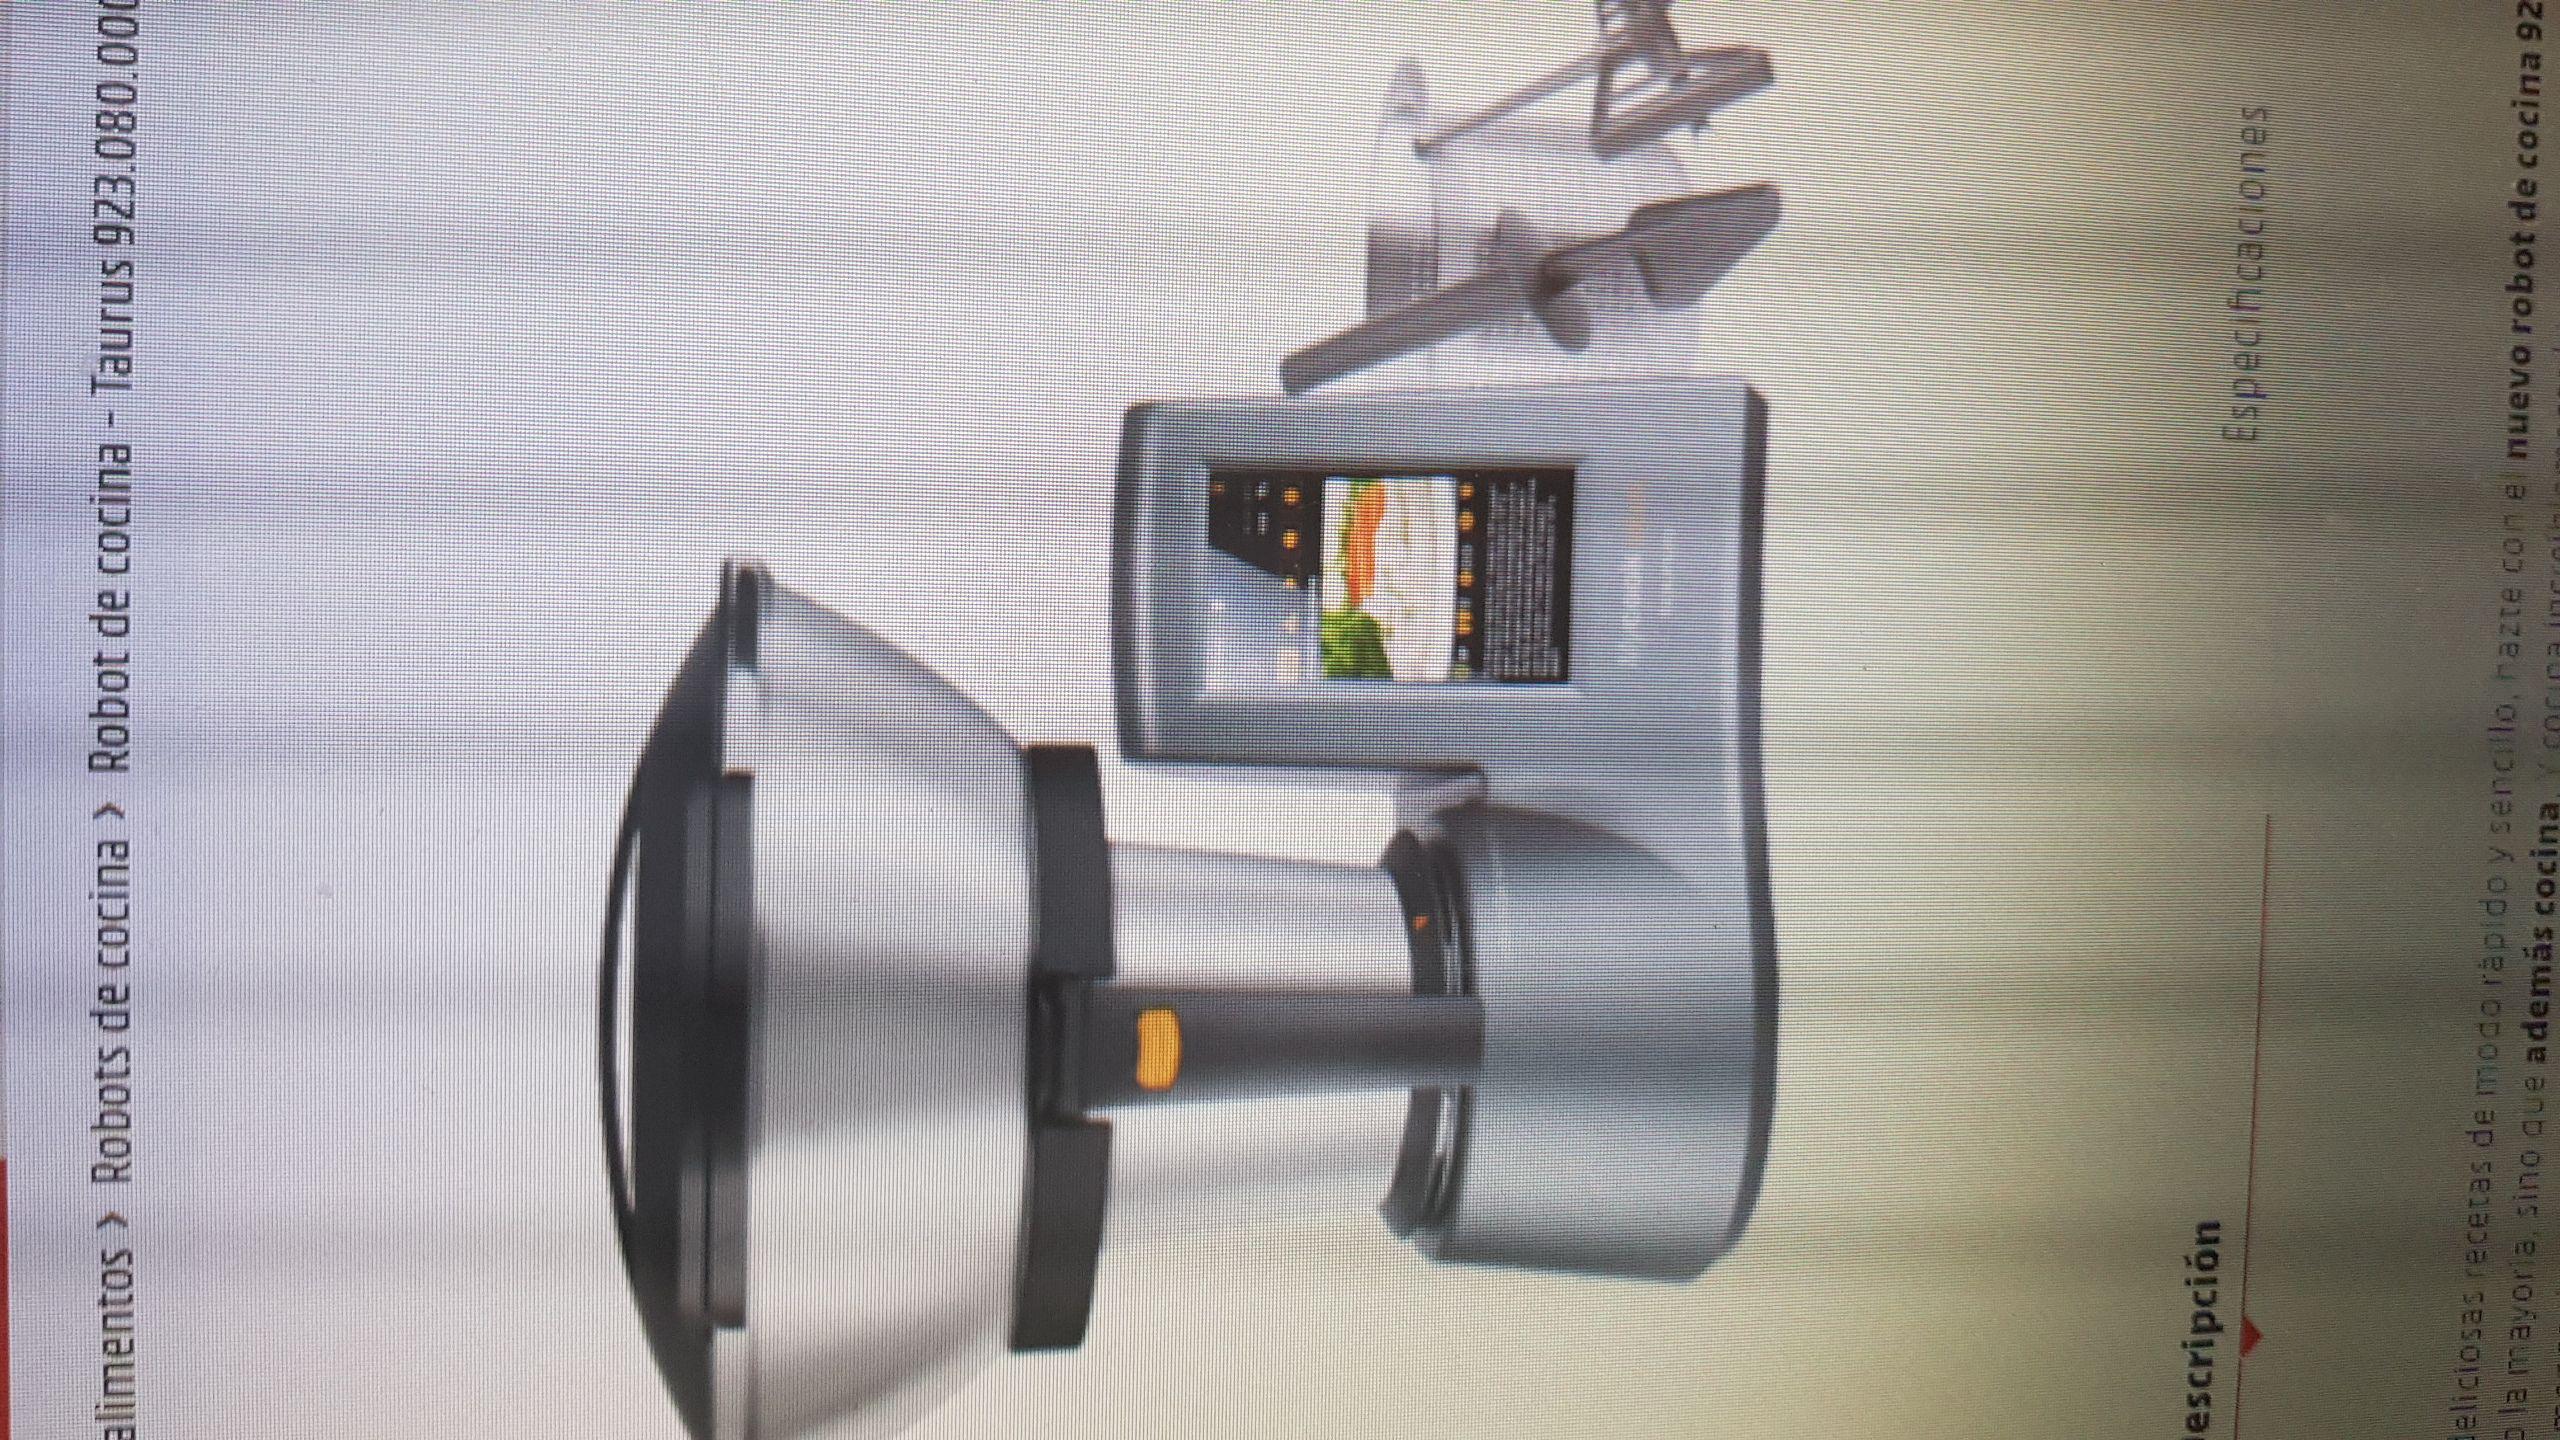 Robot de cocina! 533€ DE DESCUENTO!